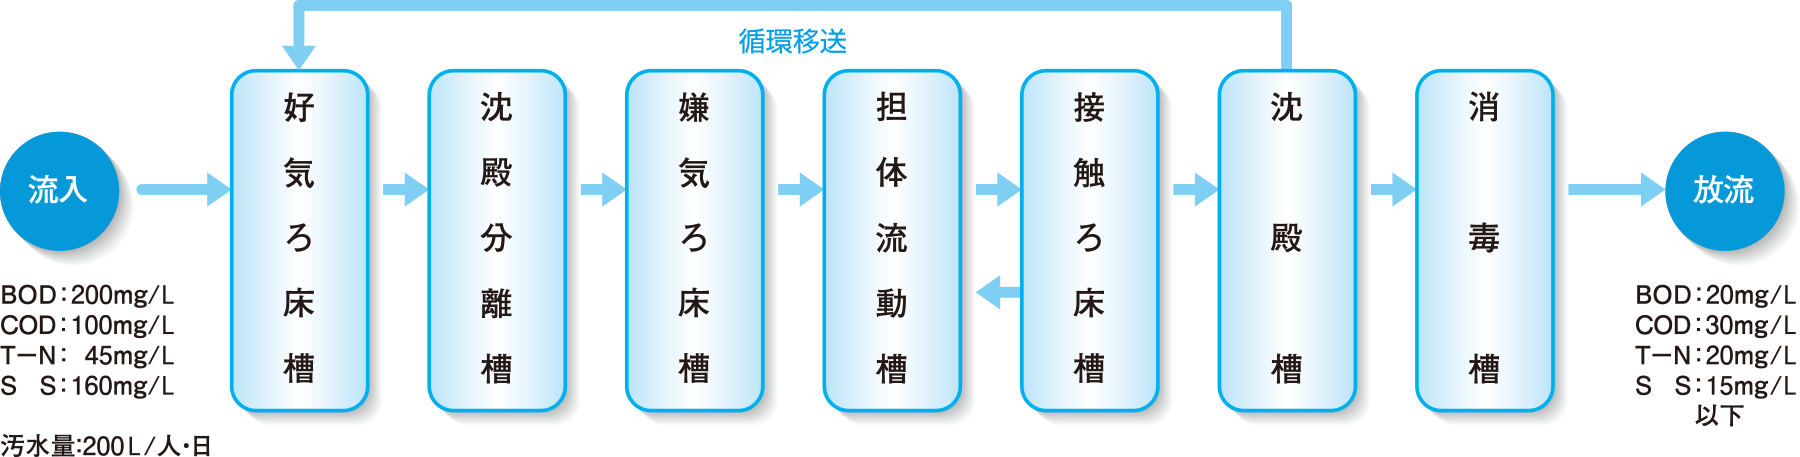 製品の説明図